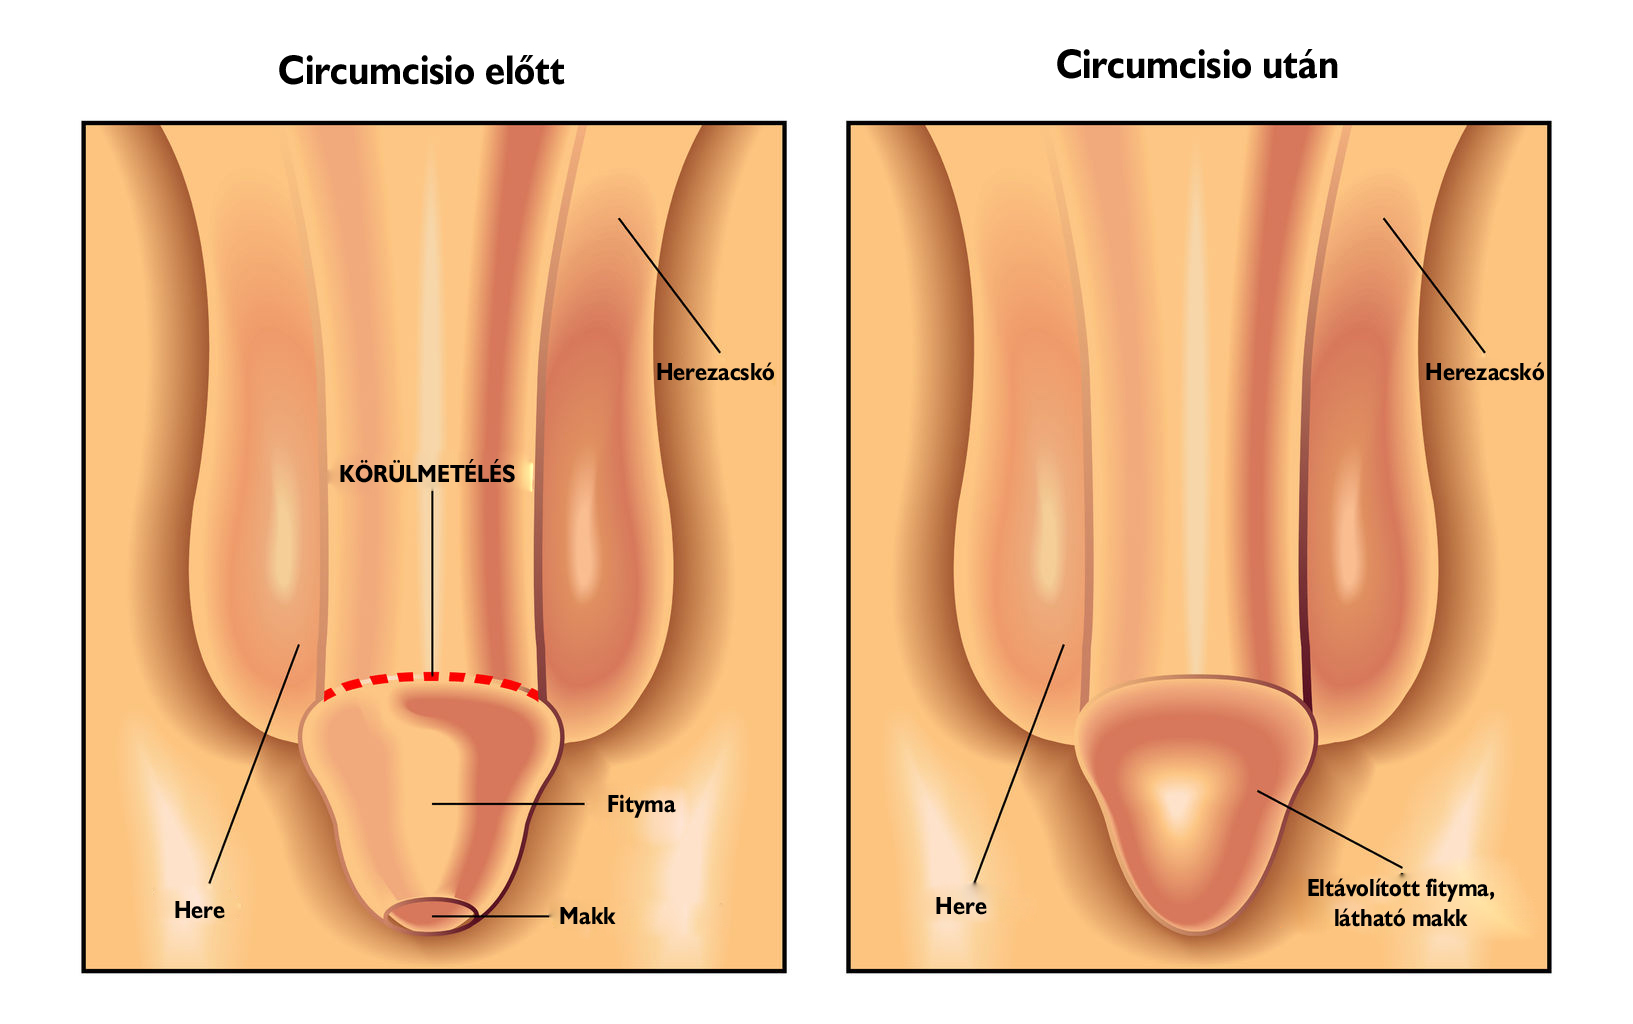 péniszbetegség kezelése)